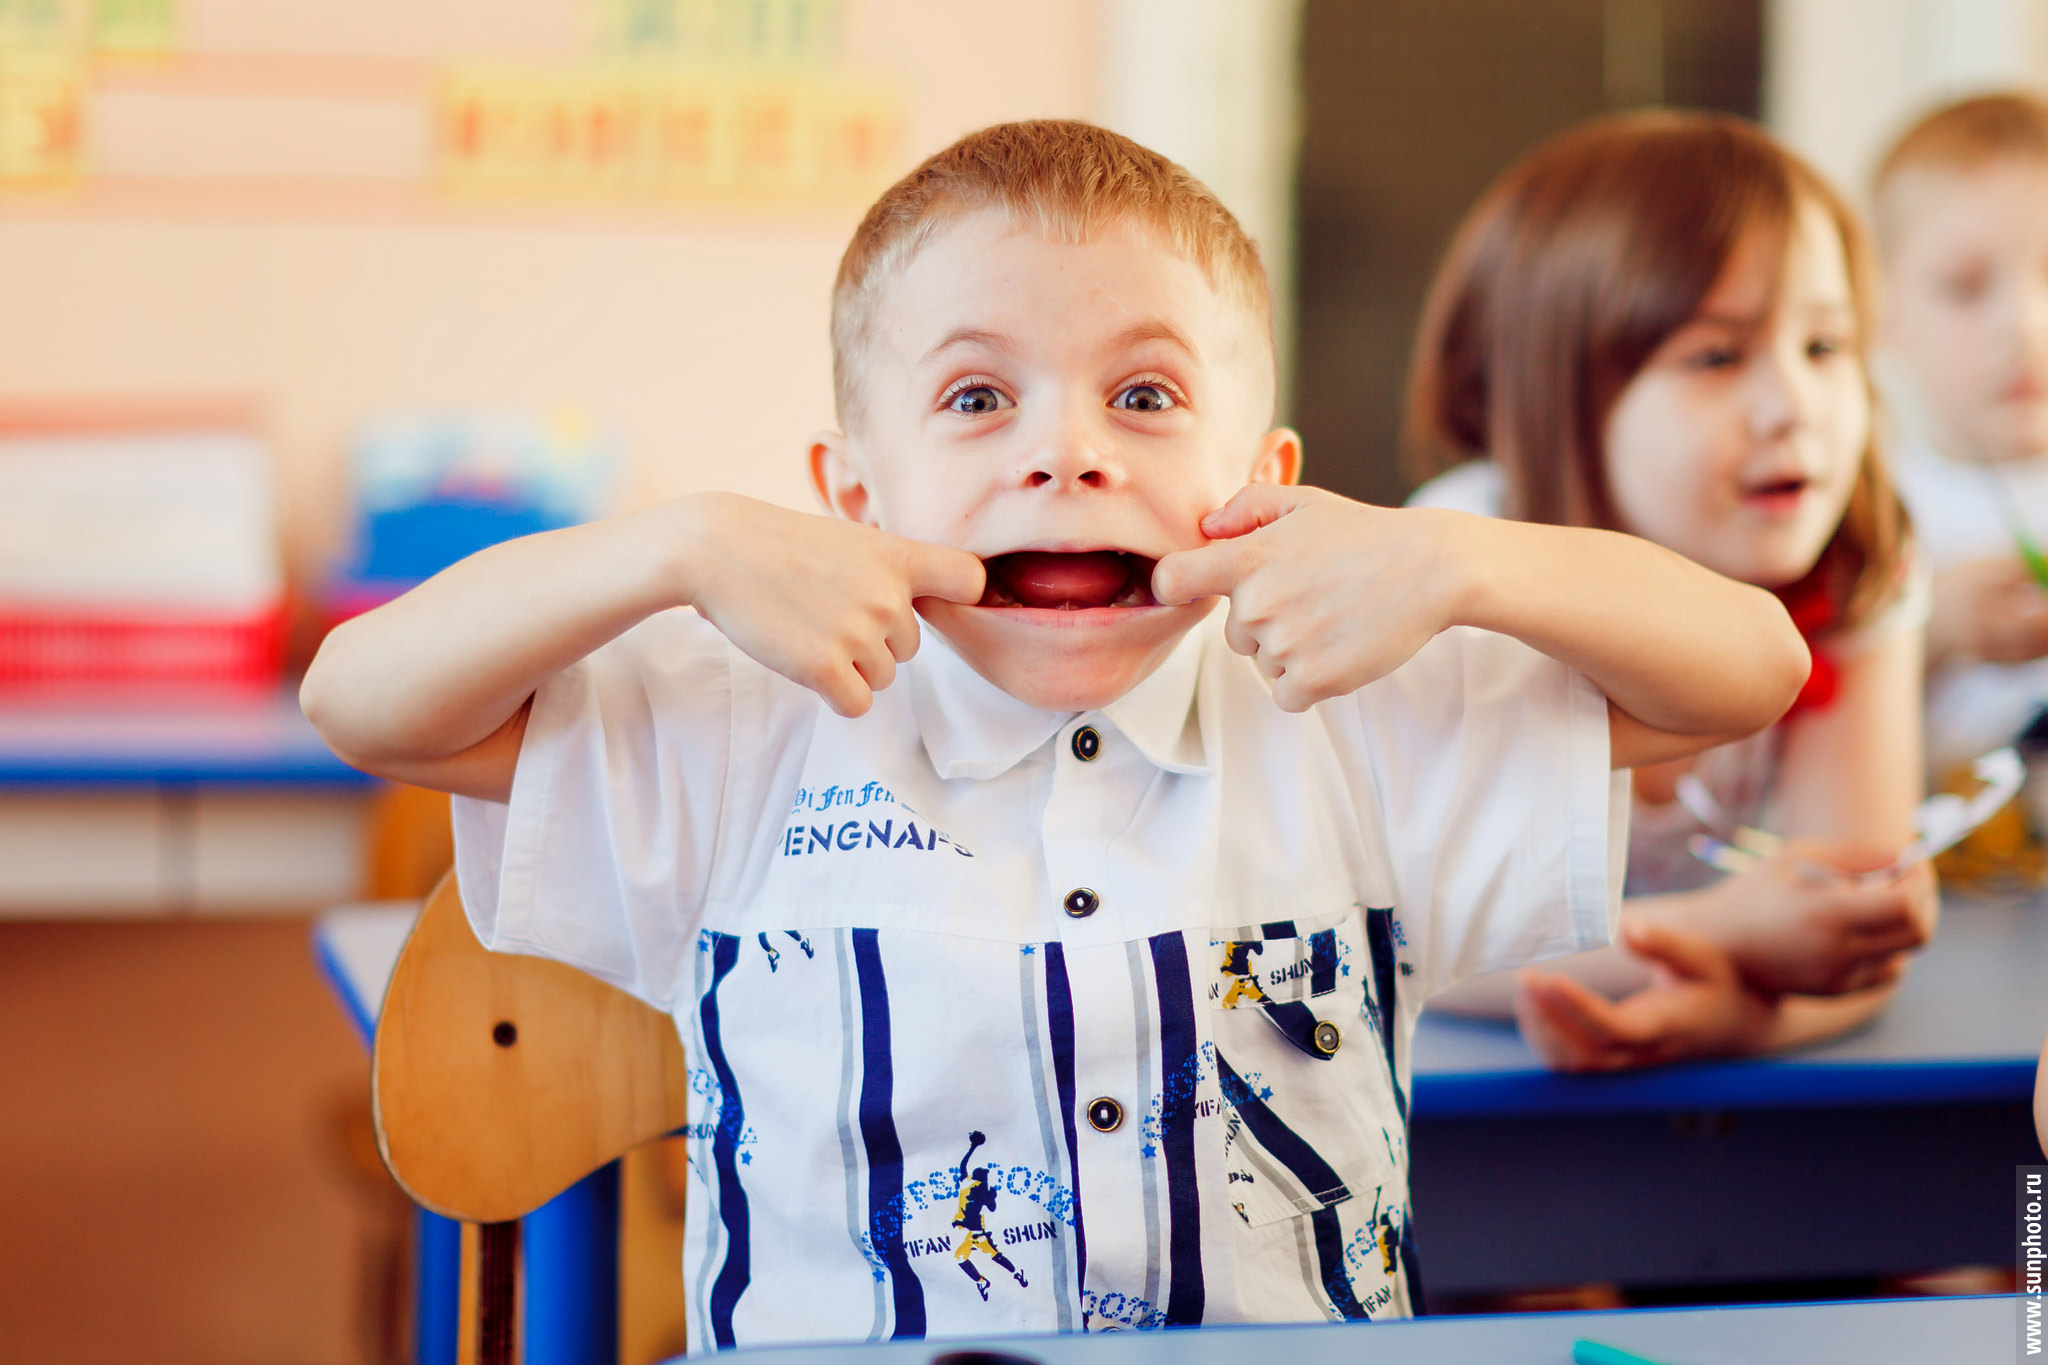 Маленький мальчик корчит рожицу во время видеосъемки в группе детского сада